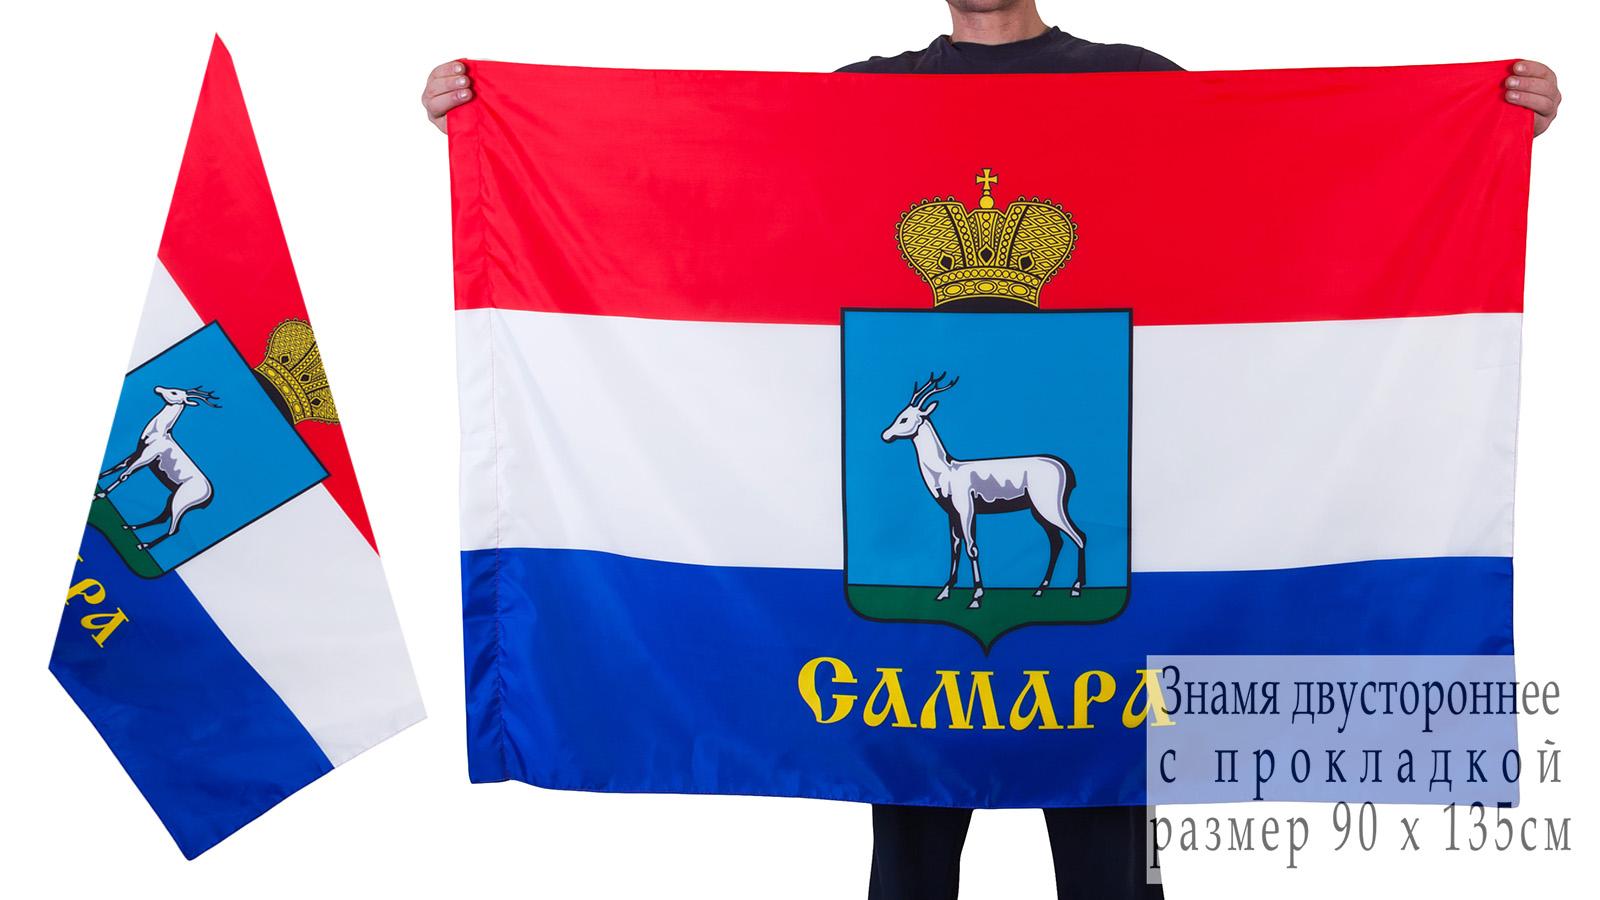 Двухсторонний флаг Самары